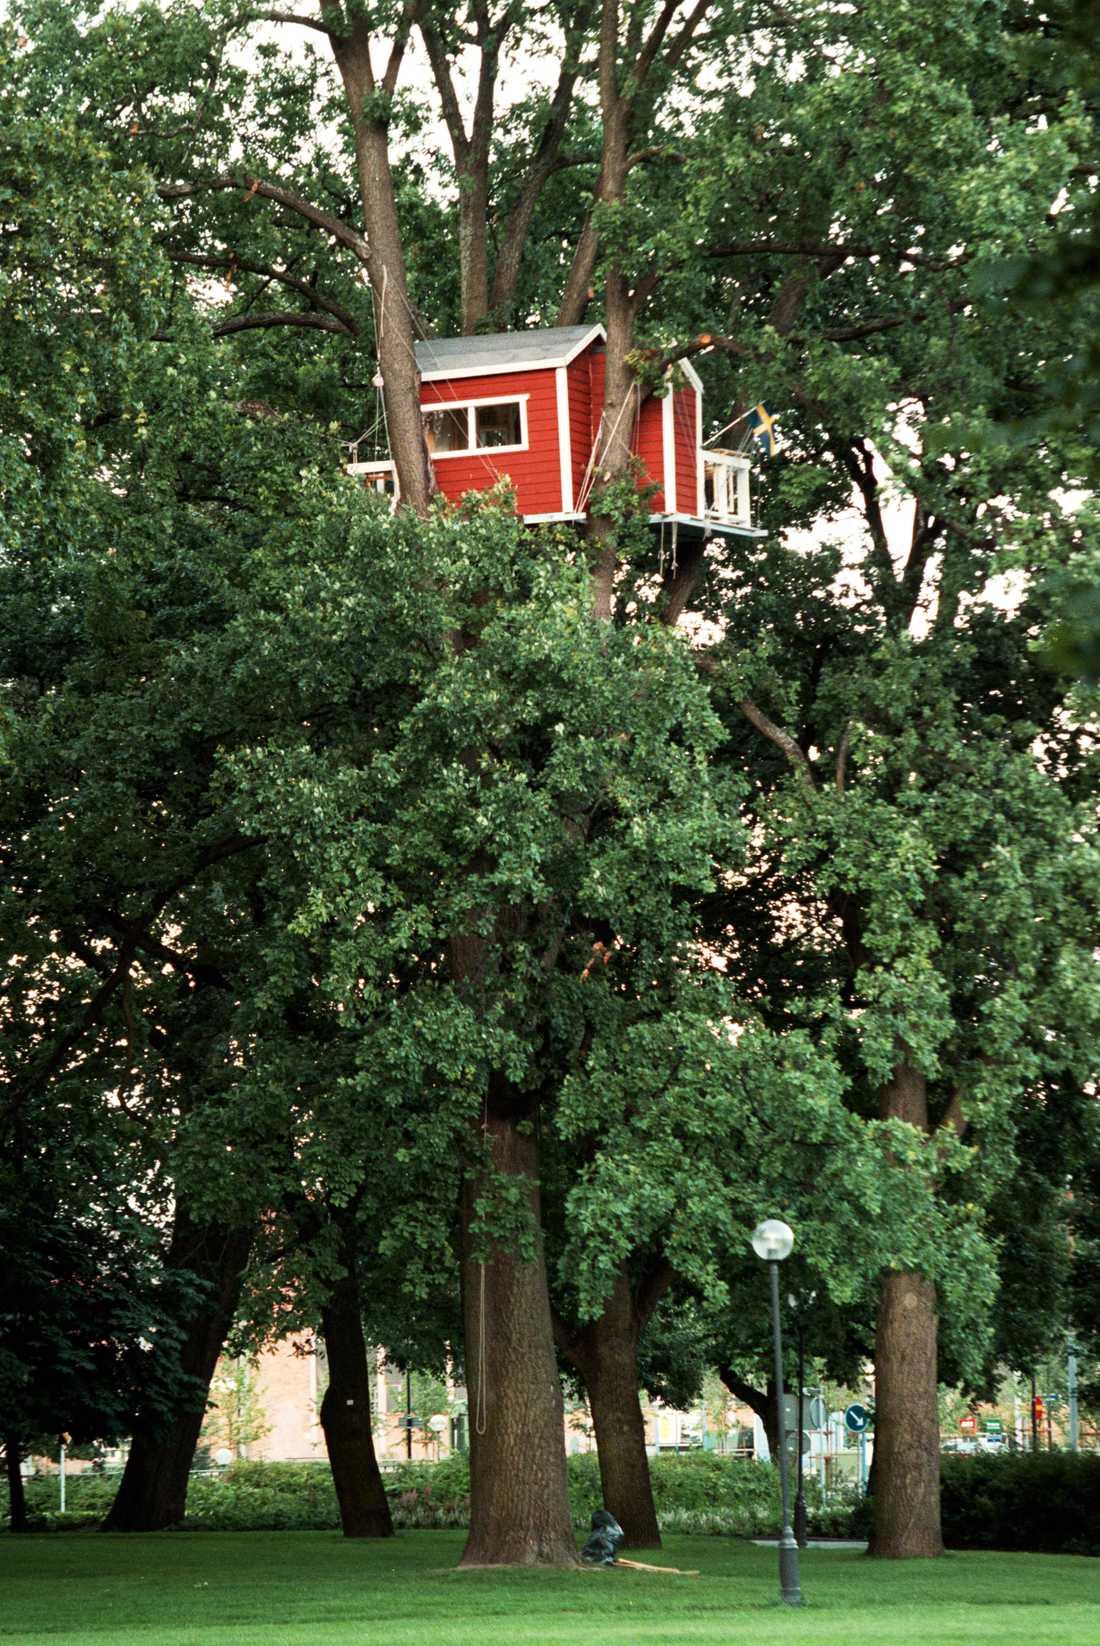 Här kan du se att Hotell Hackspett uppe i ett träd.